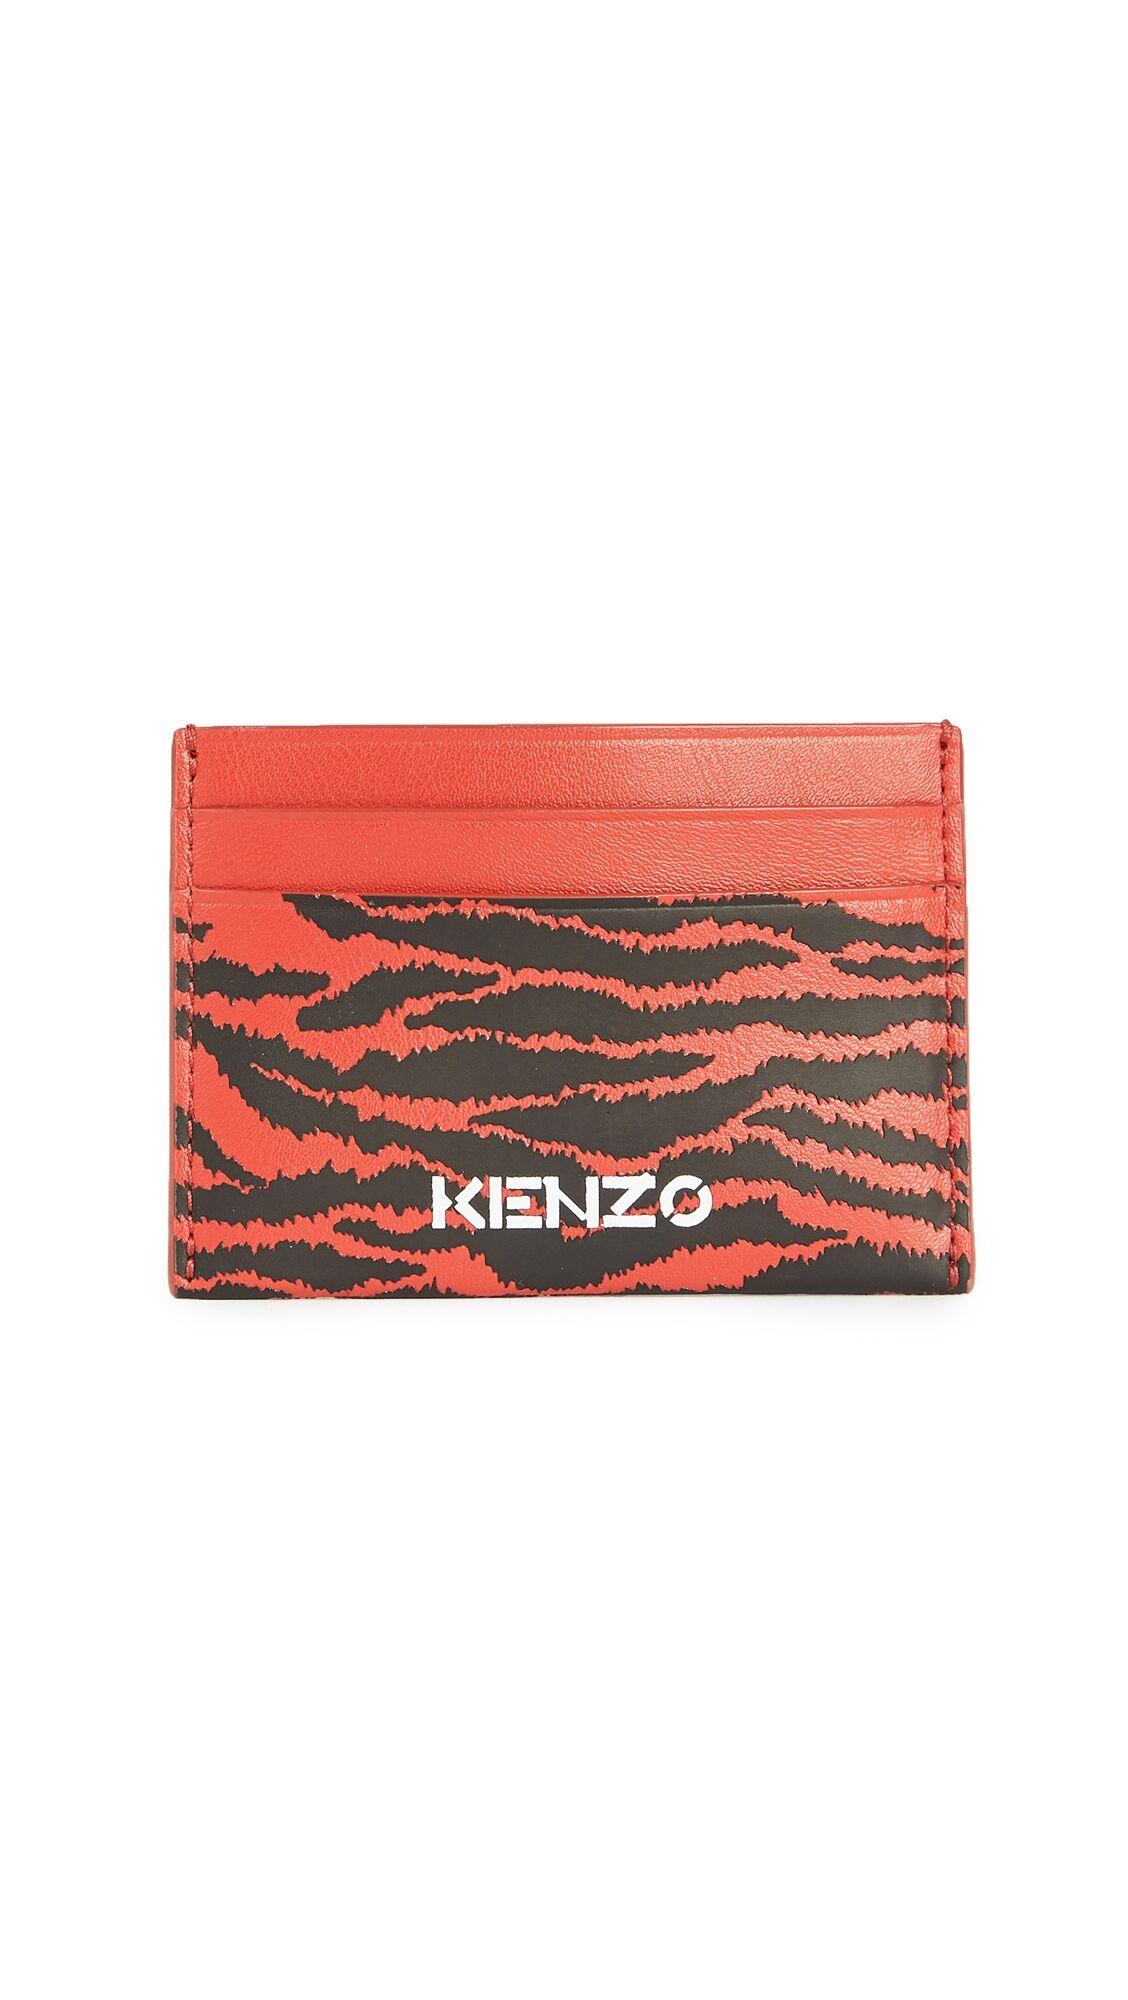 Kenzo Cardholder - Medium Red - Size: One Size